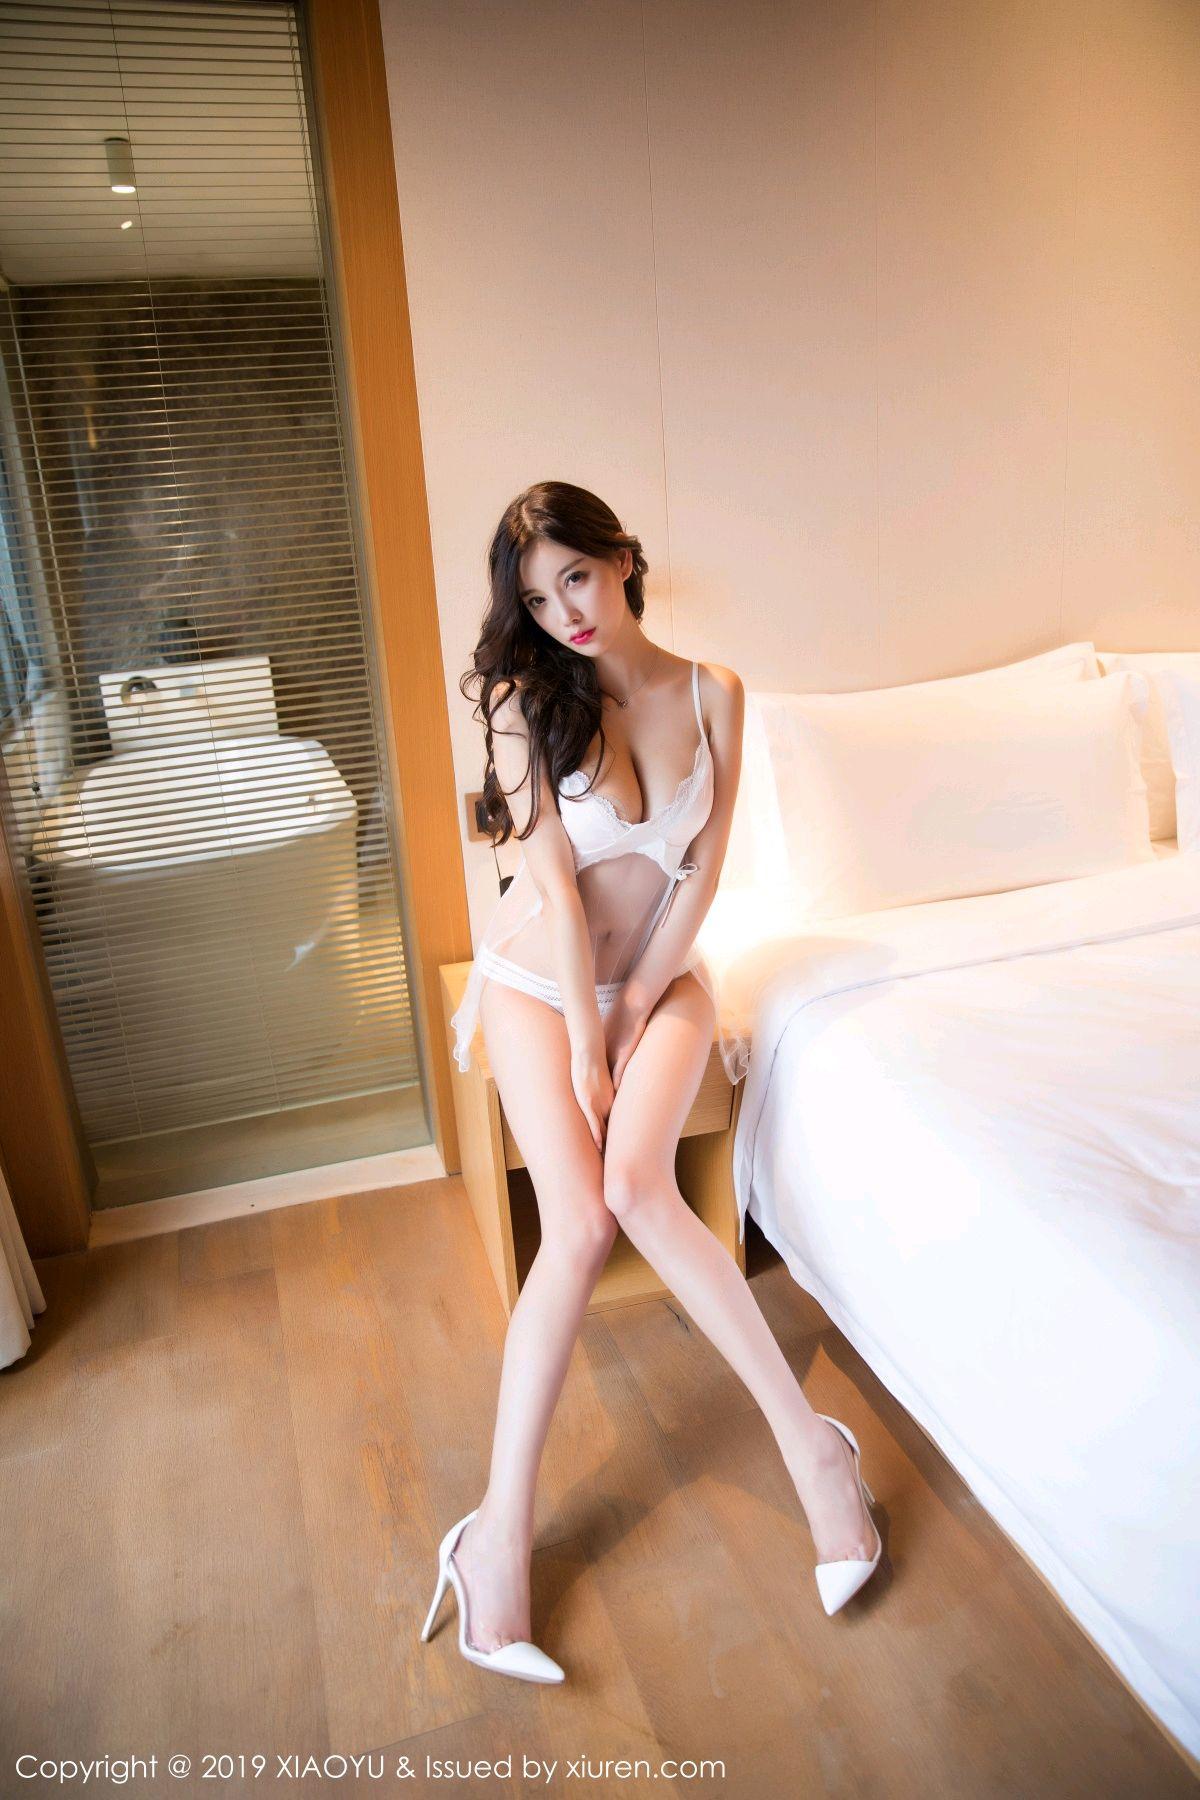 [XiaoYu] Vol.035 Yang Chen Chen 15P, Tall, XiaoYu, Yang Chen Chen